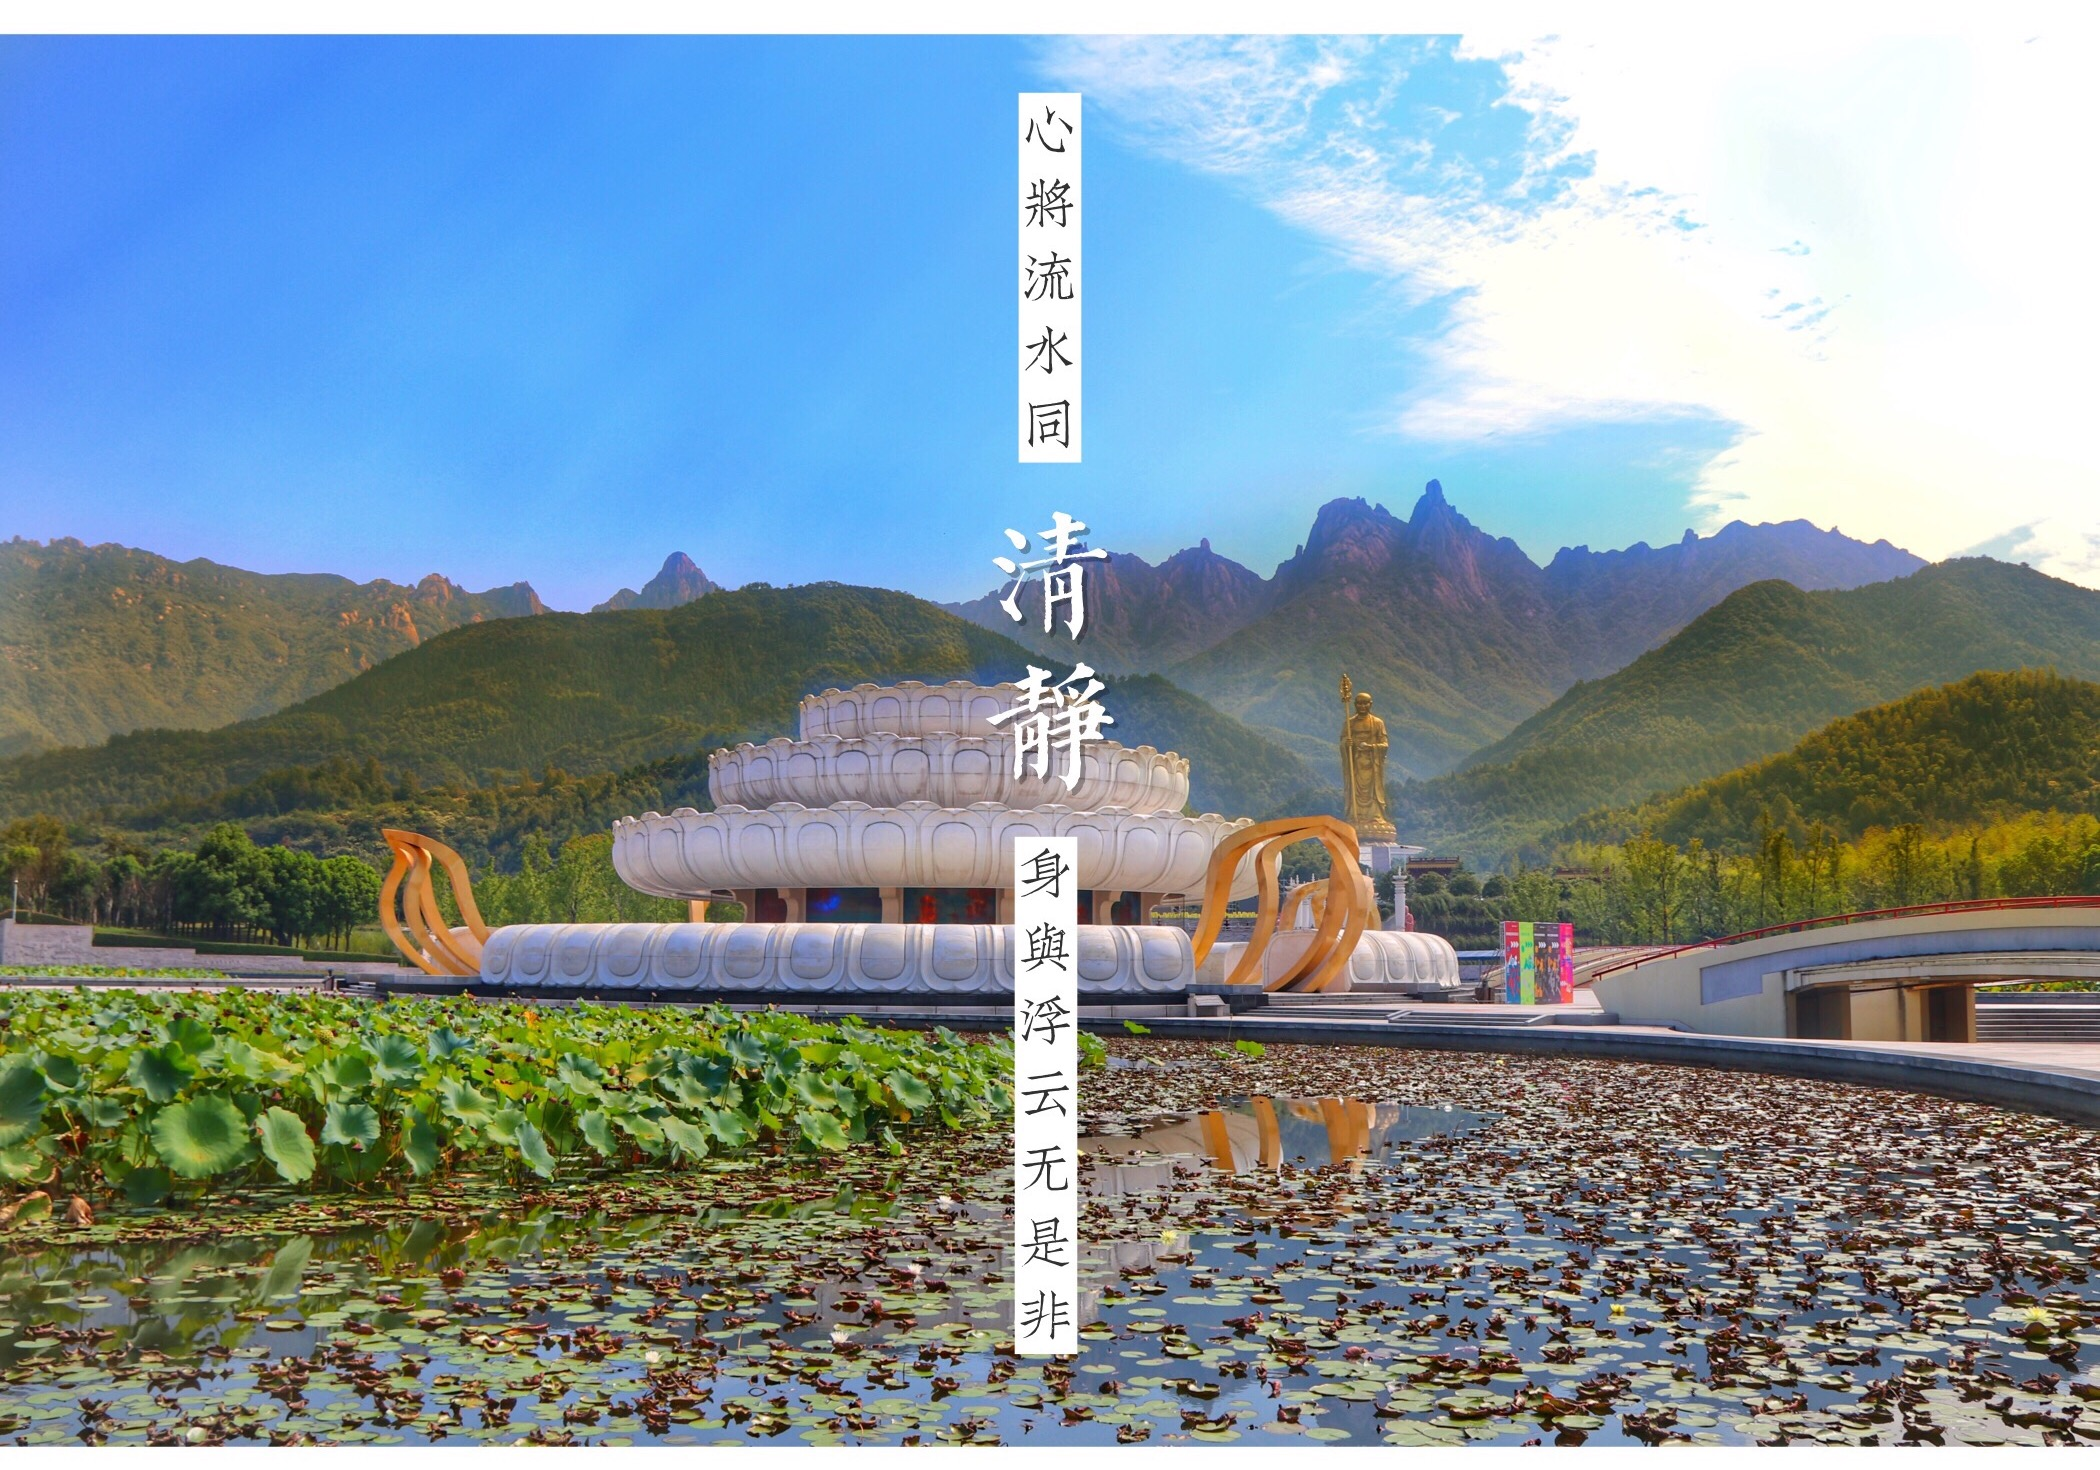 玉池山名胜风景区图片